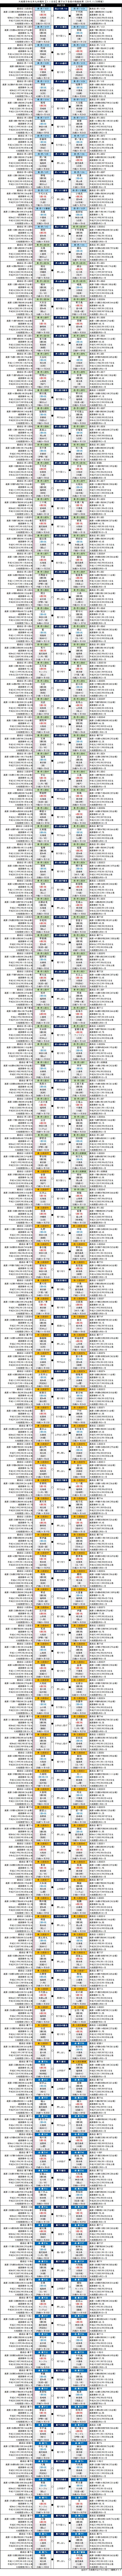 大相撲・2019年11月場所11日目・幕下以下の取組結果